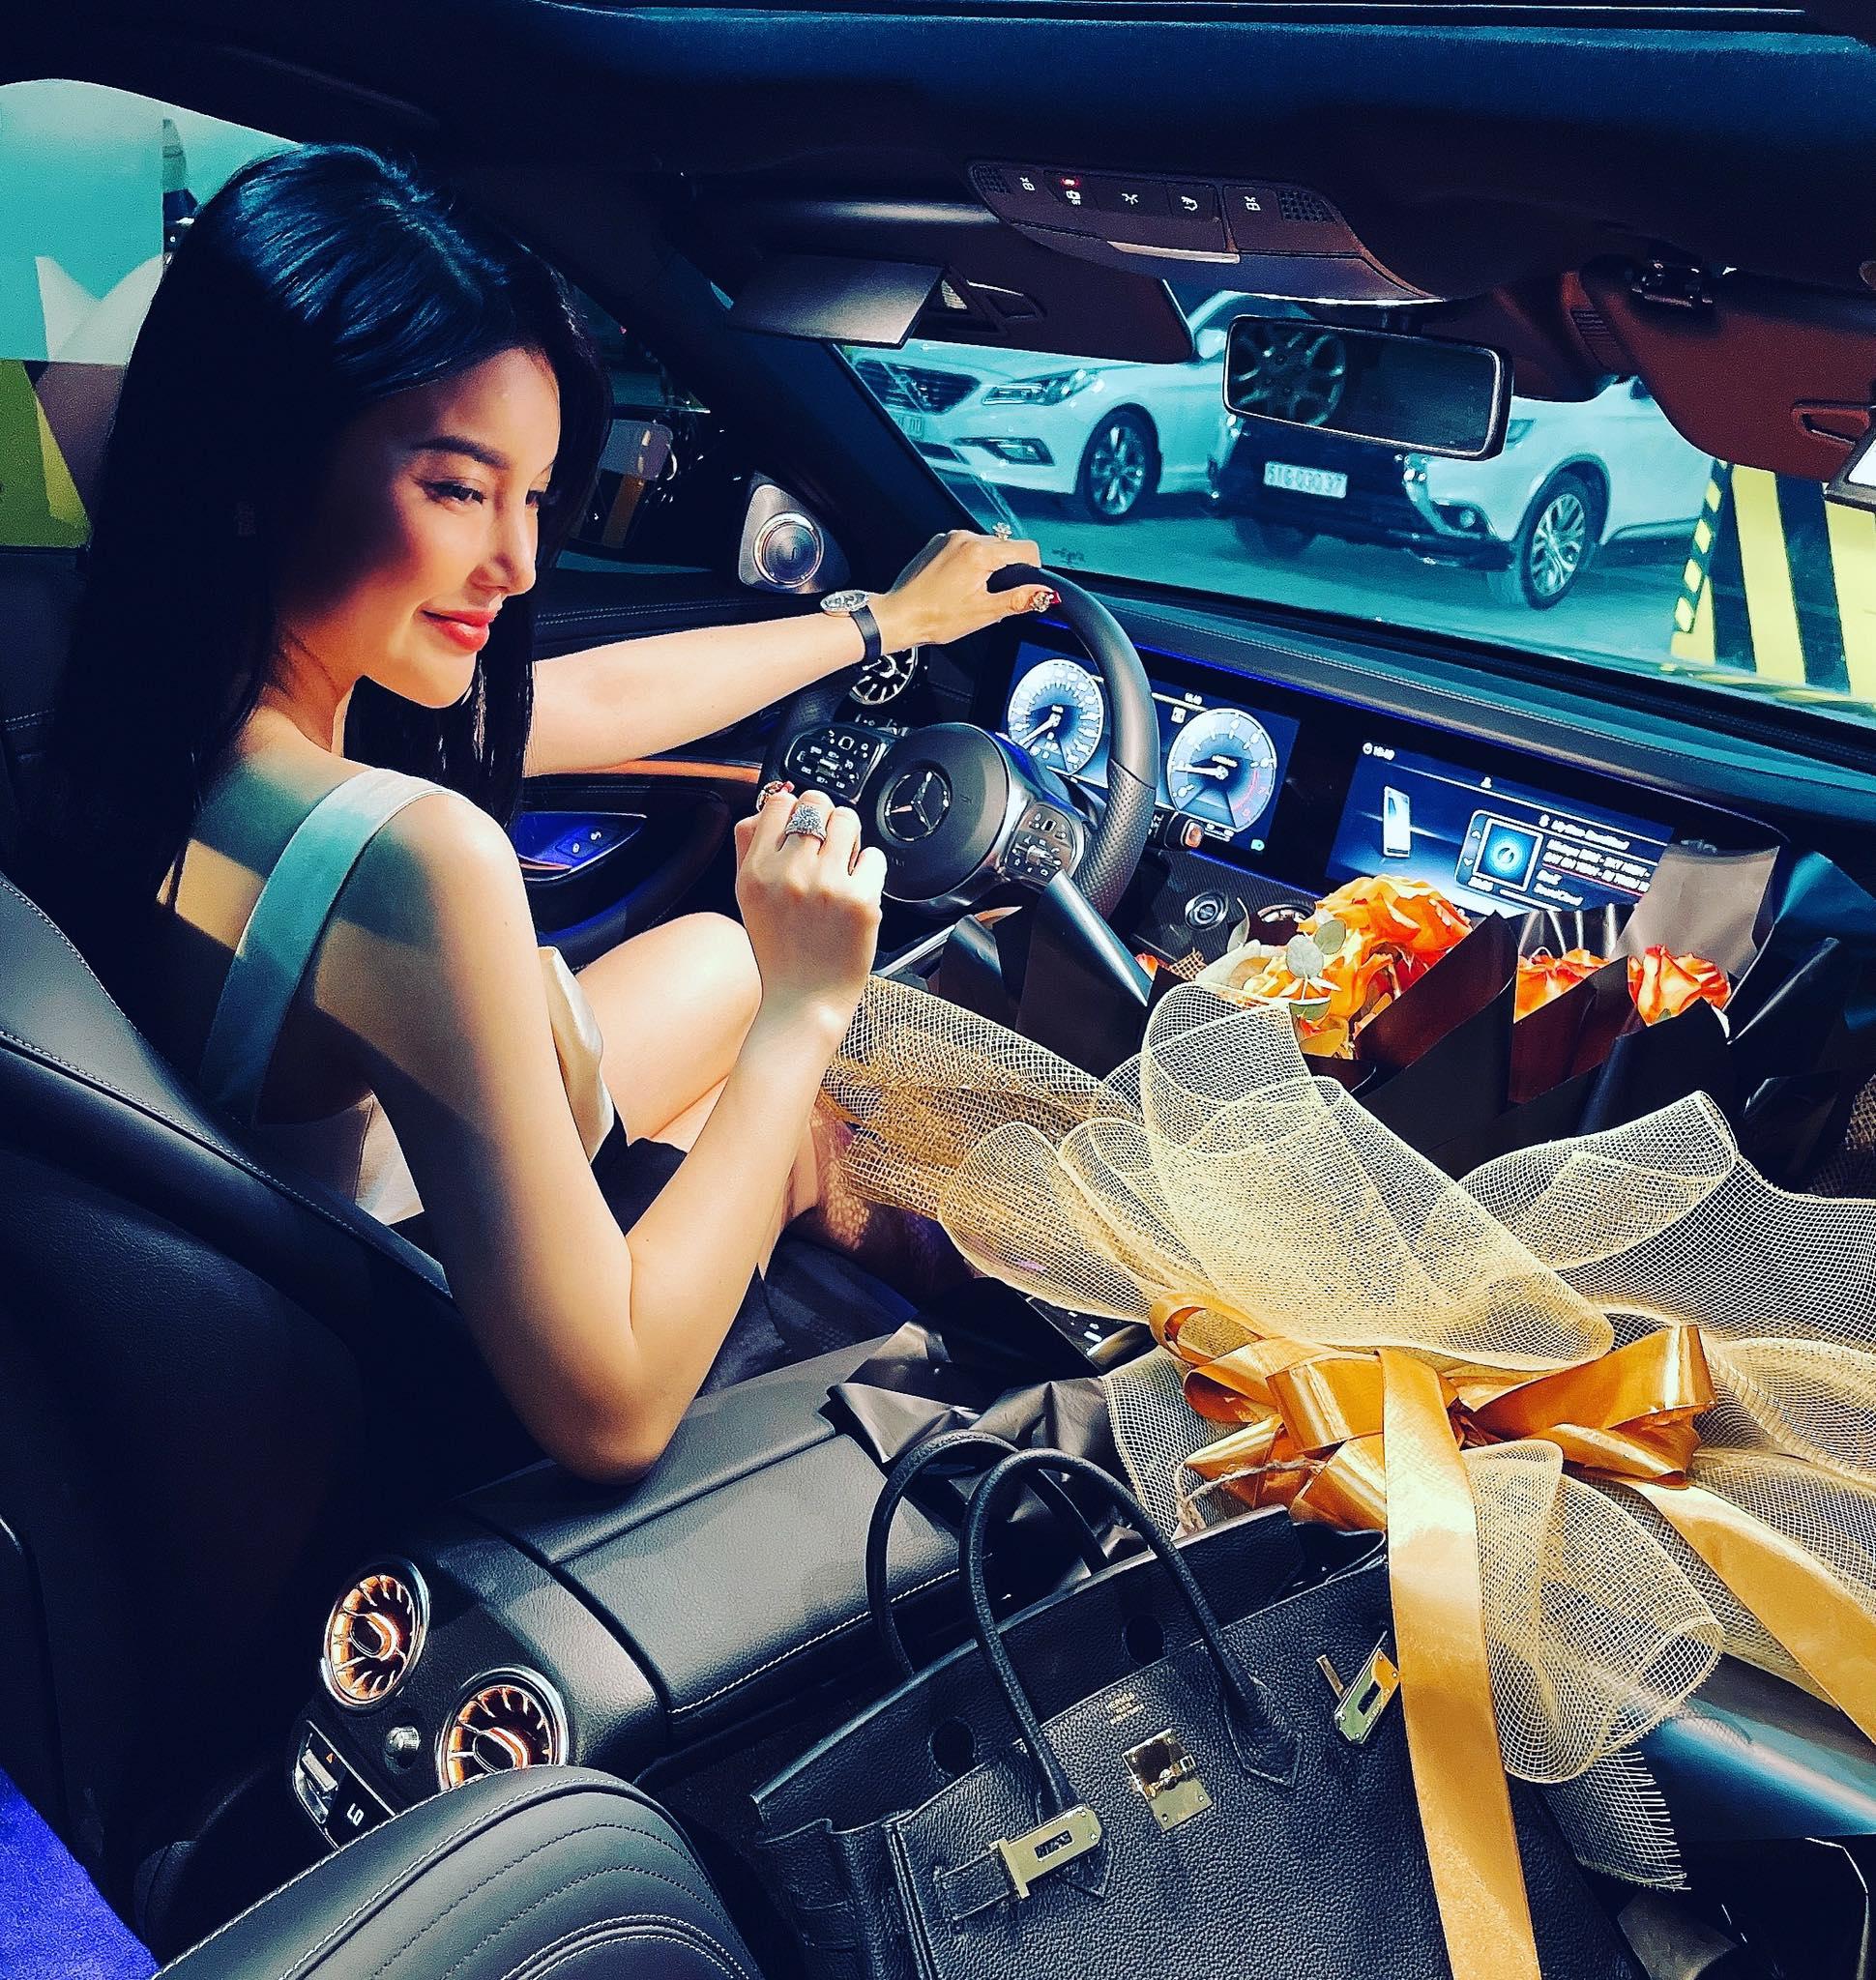 """Thú vui xa xỉ của ngọc nữ Bolero Lily Chen: Diện túi hiệu theo cách """"độc nhất vô nhị"""", có chiếc còn dùng để che nội y - Ảnh 2."""